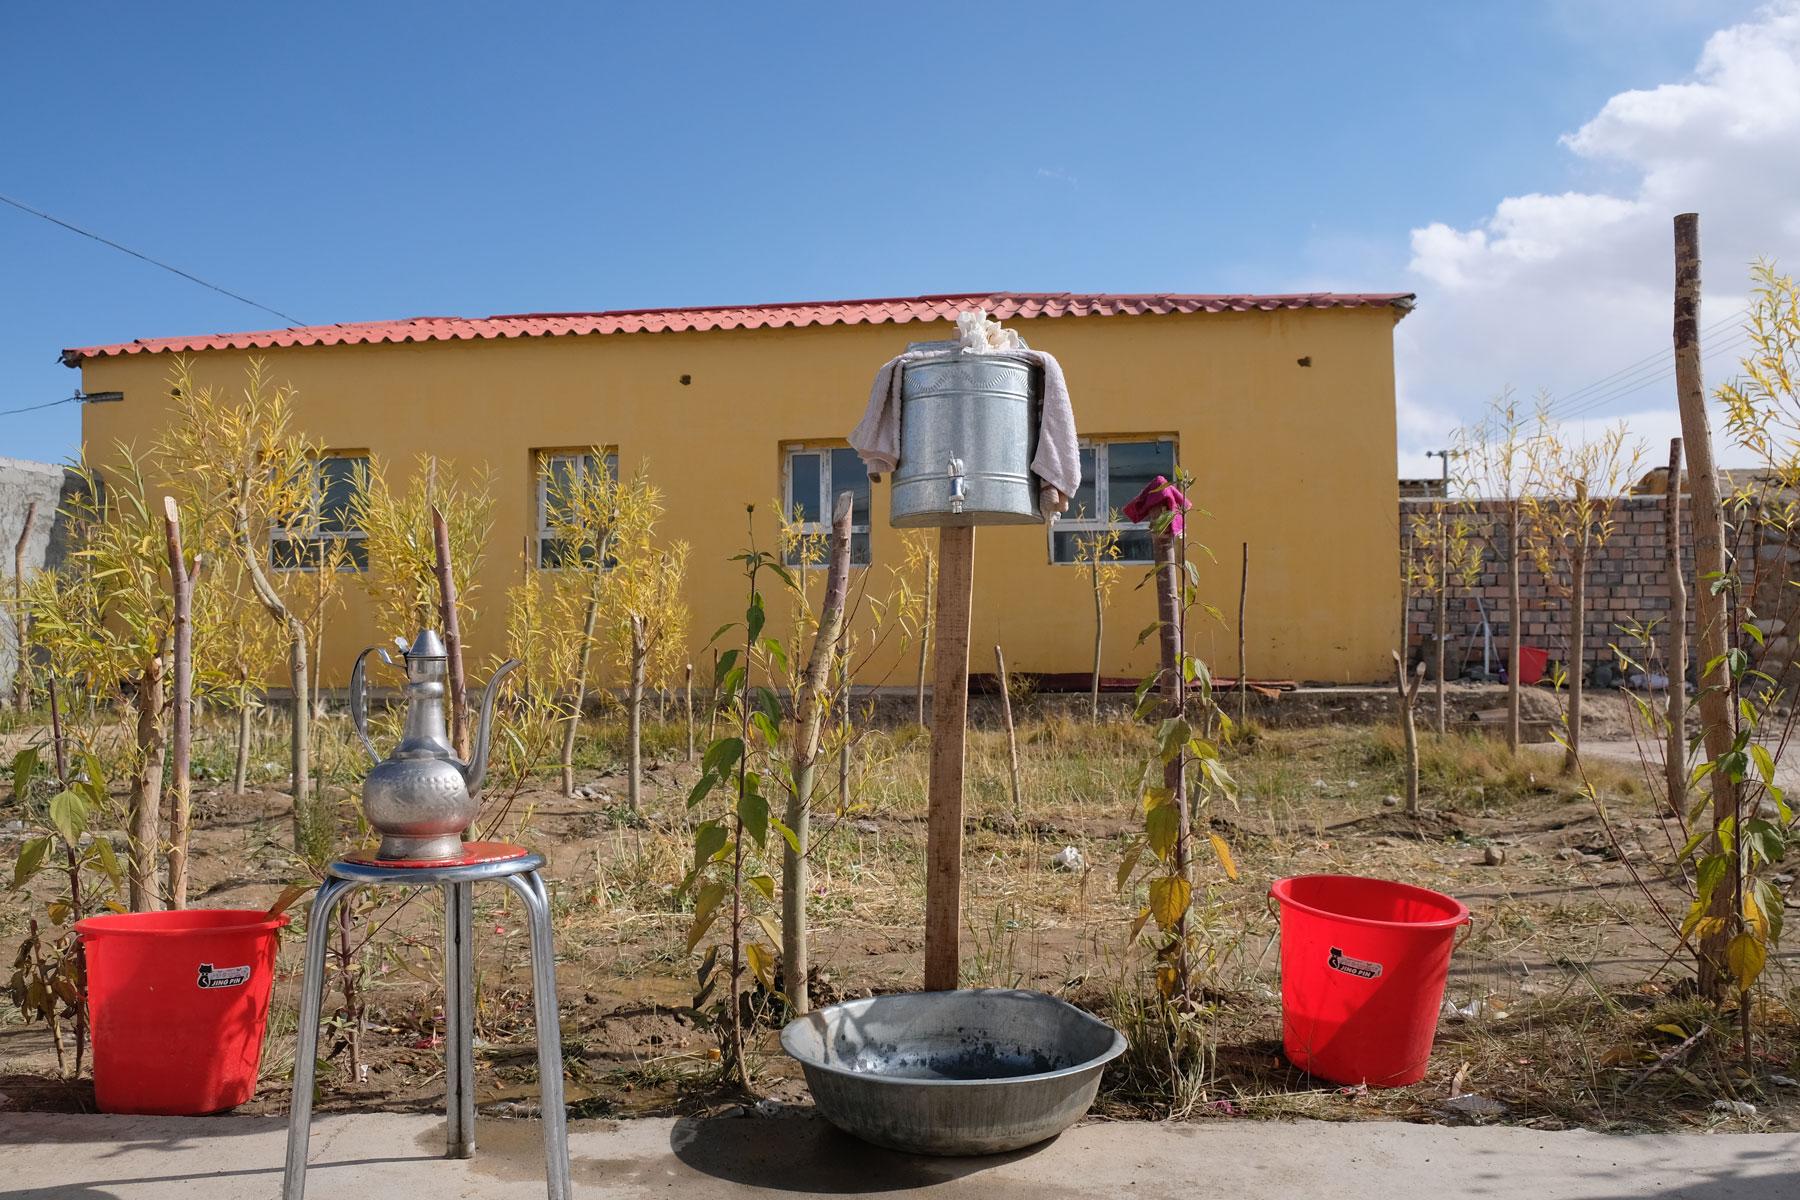 Handwaschgelegenheit draußen im Hof